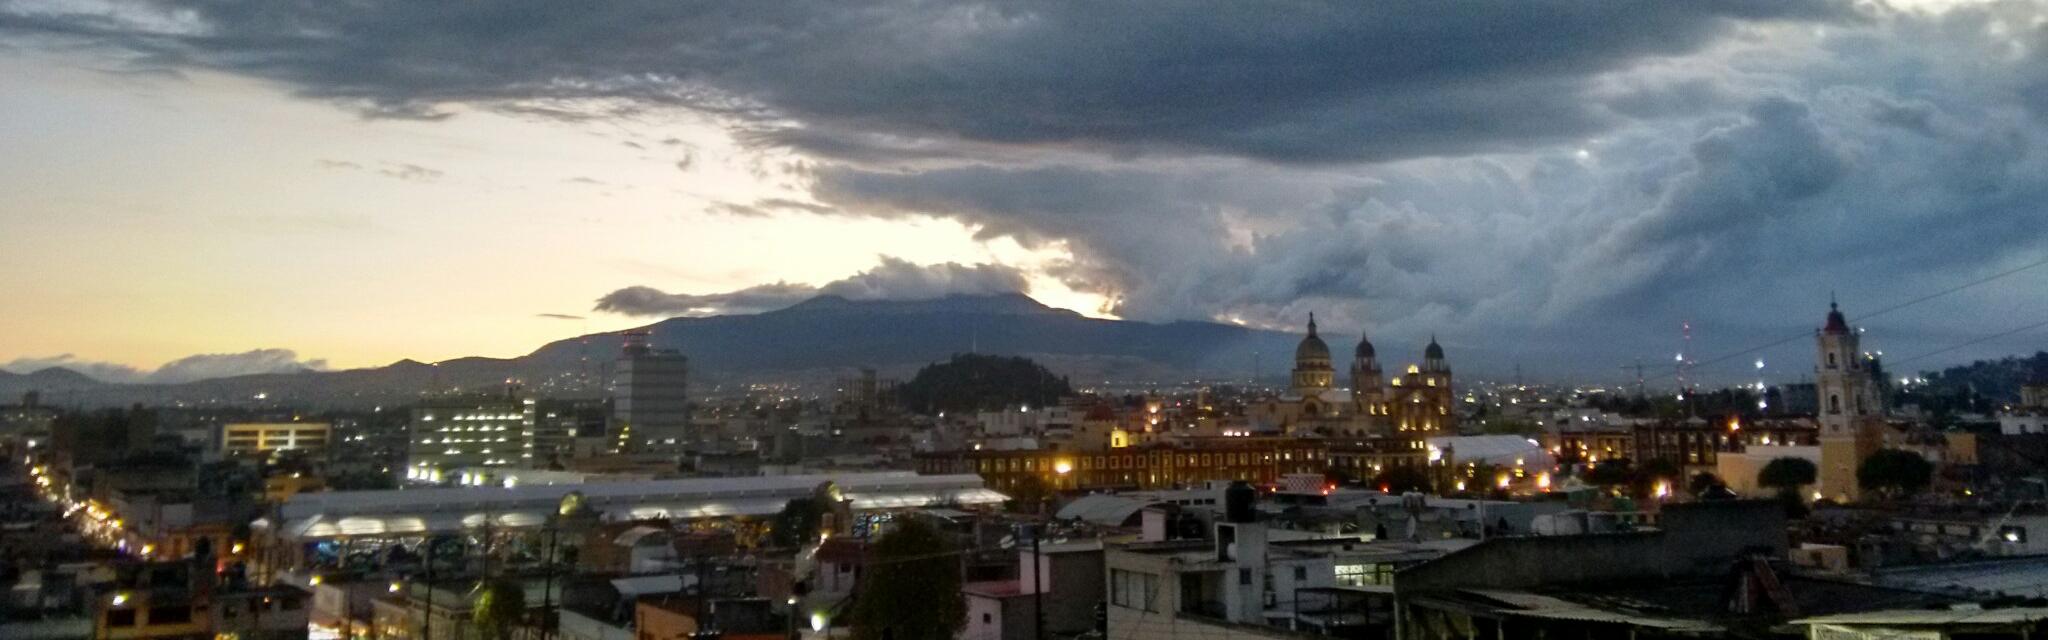 Salvemos el Valle de Toluca (Segunda parte)